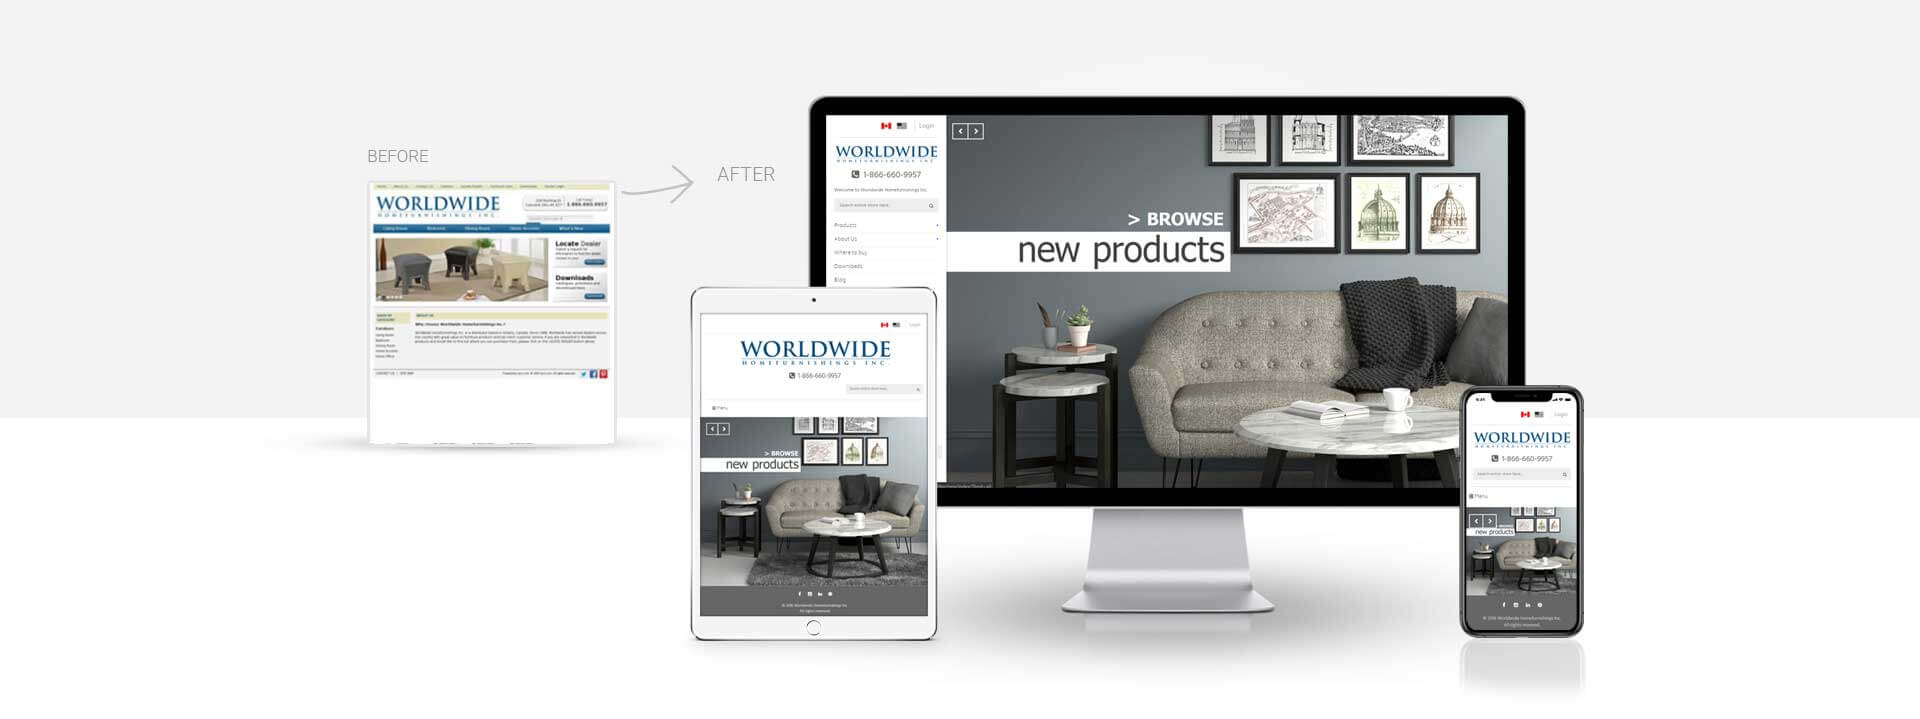 Magento online home decor shop website